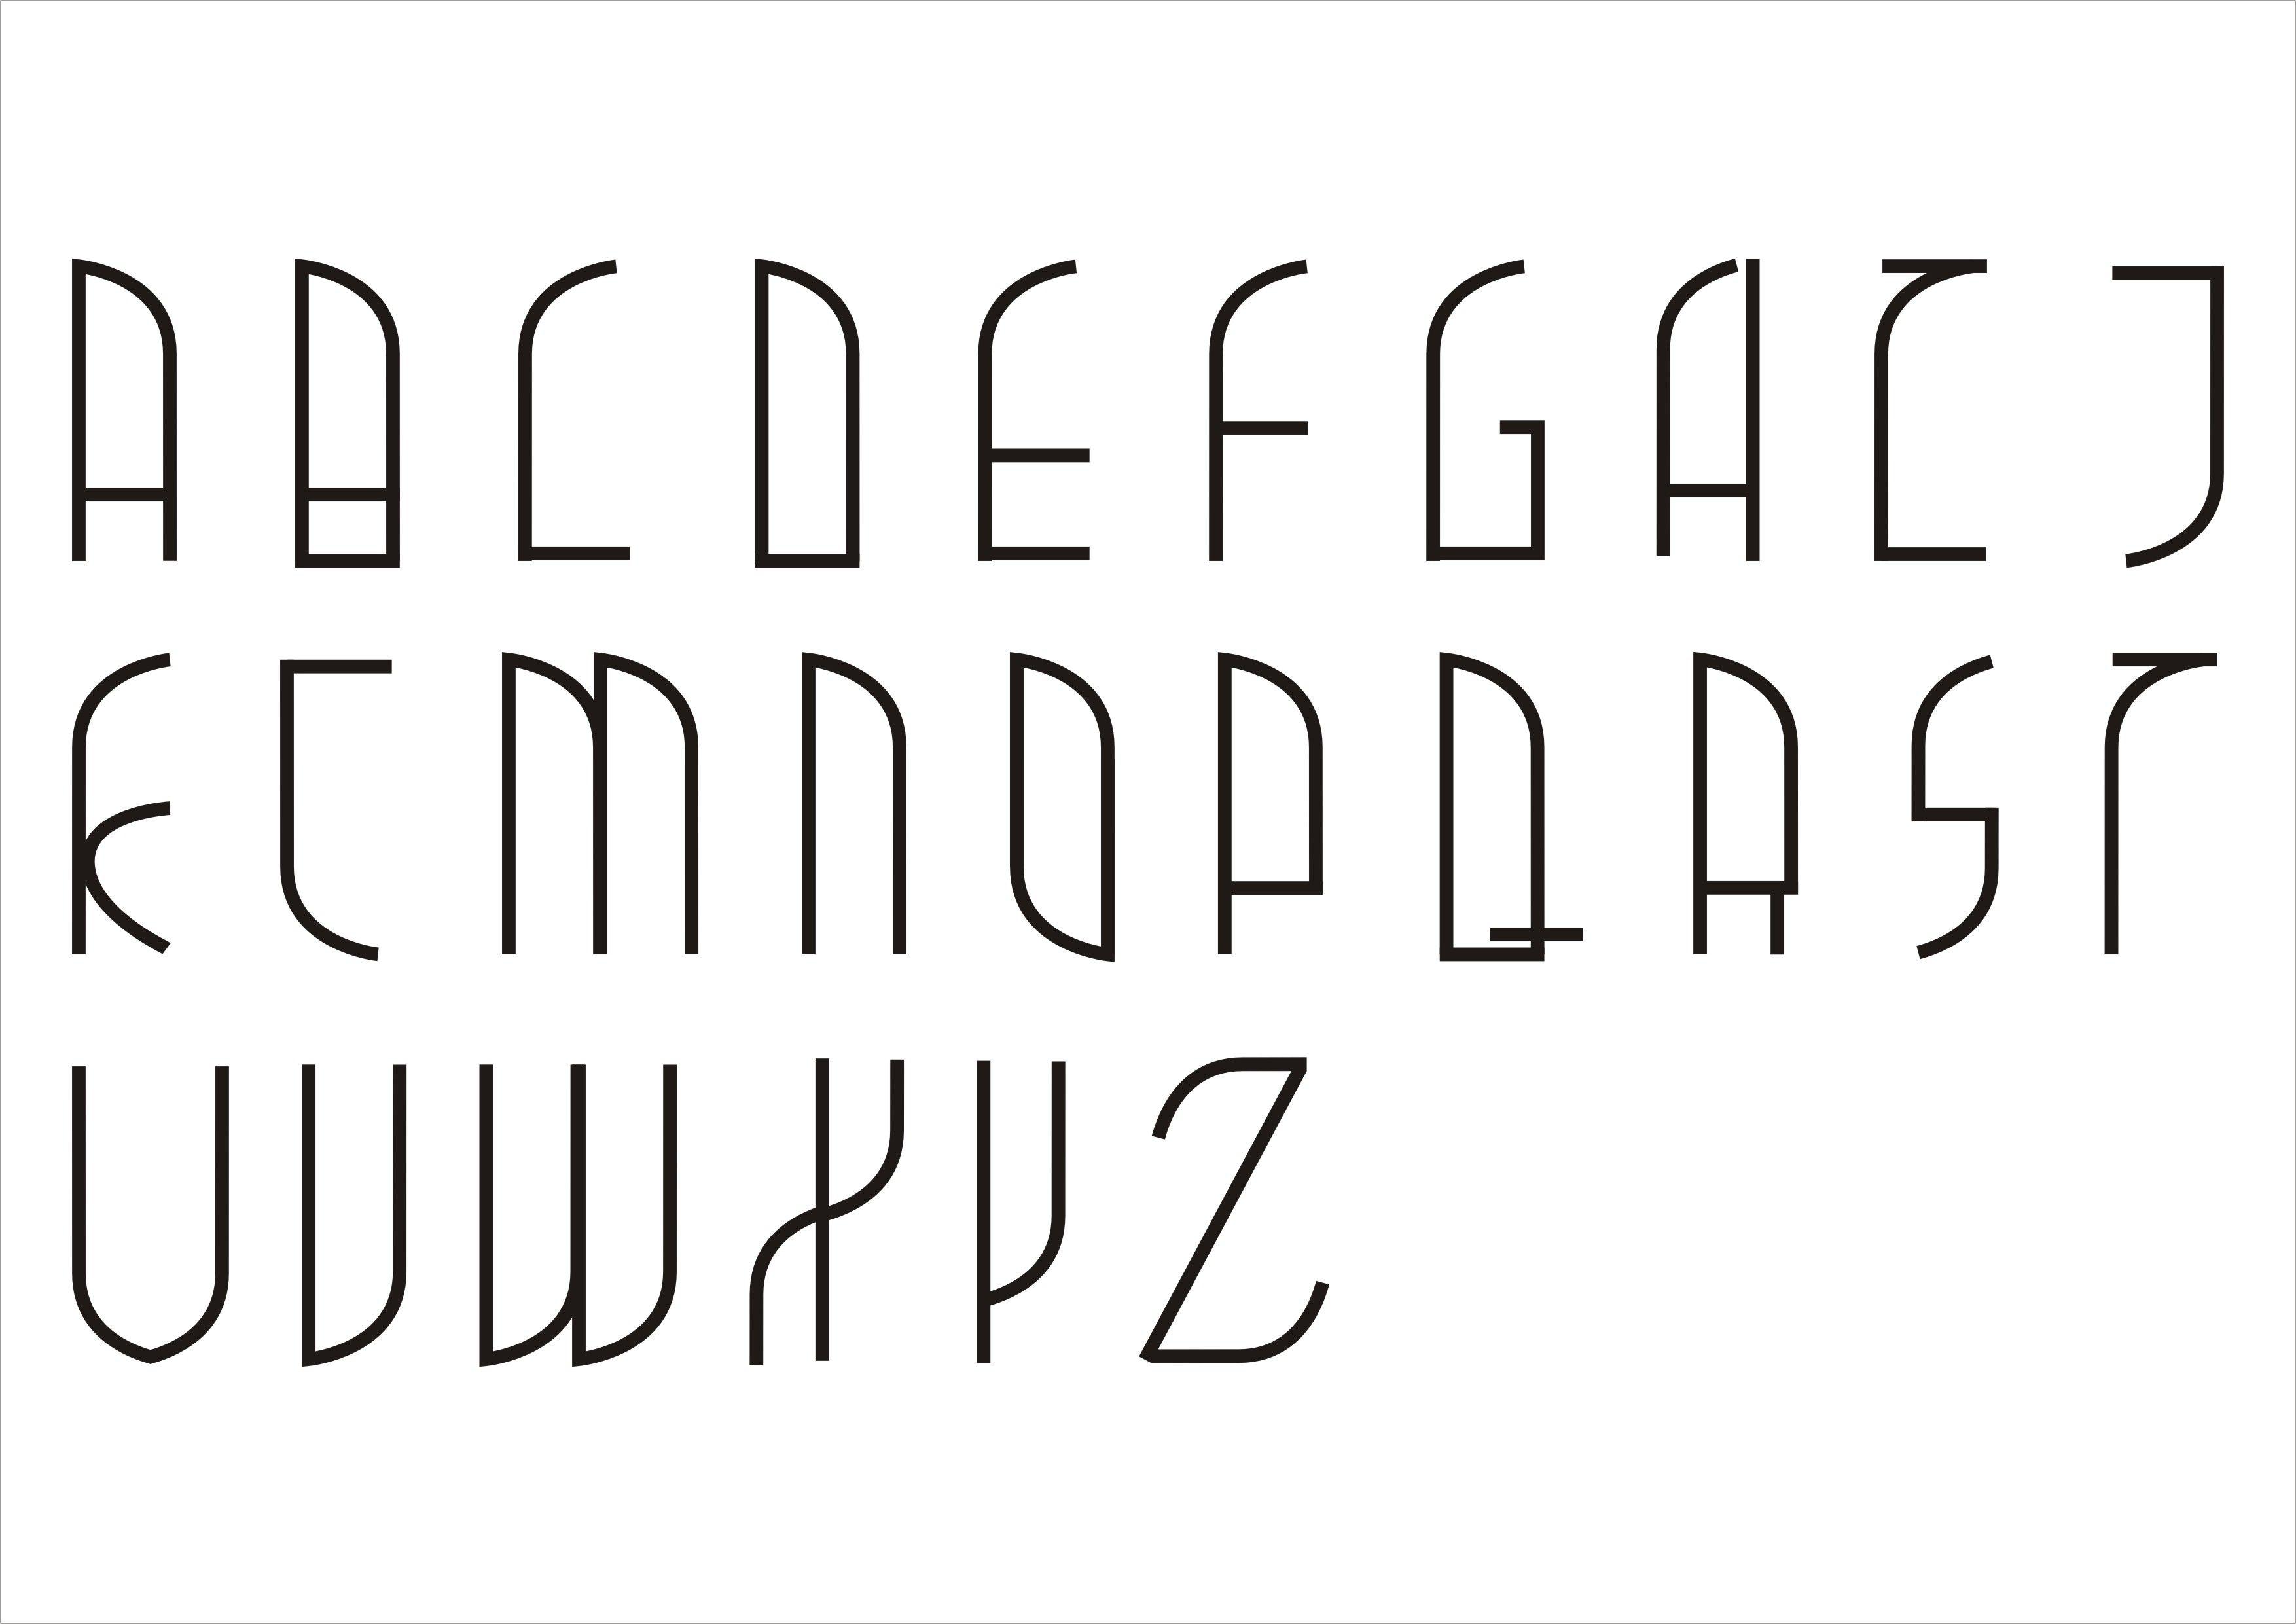 英文字体艺术字案例图片 - 设计师悠游333设计工作室